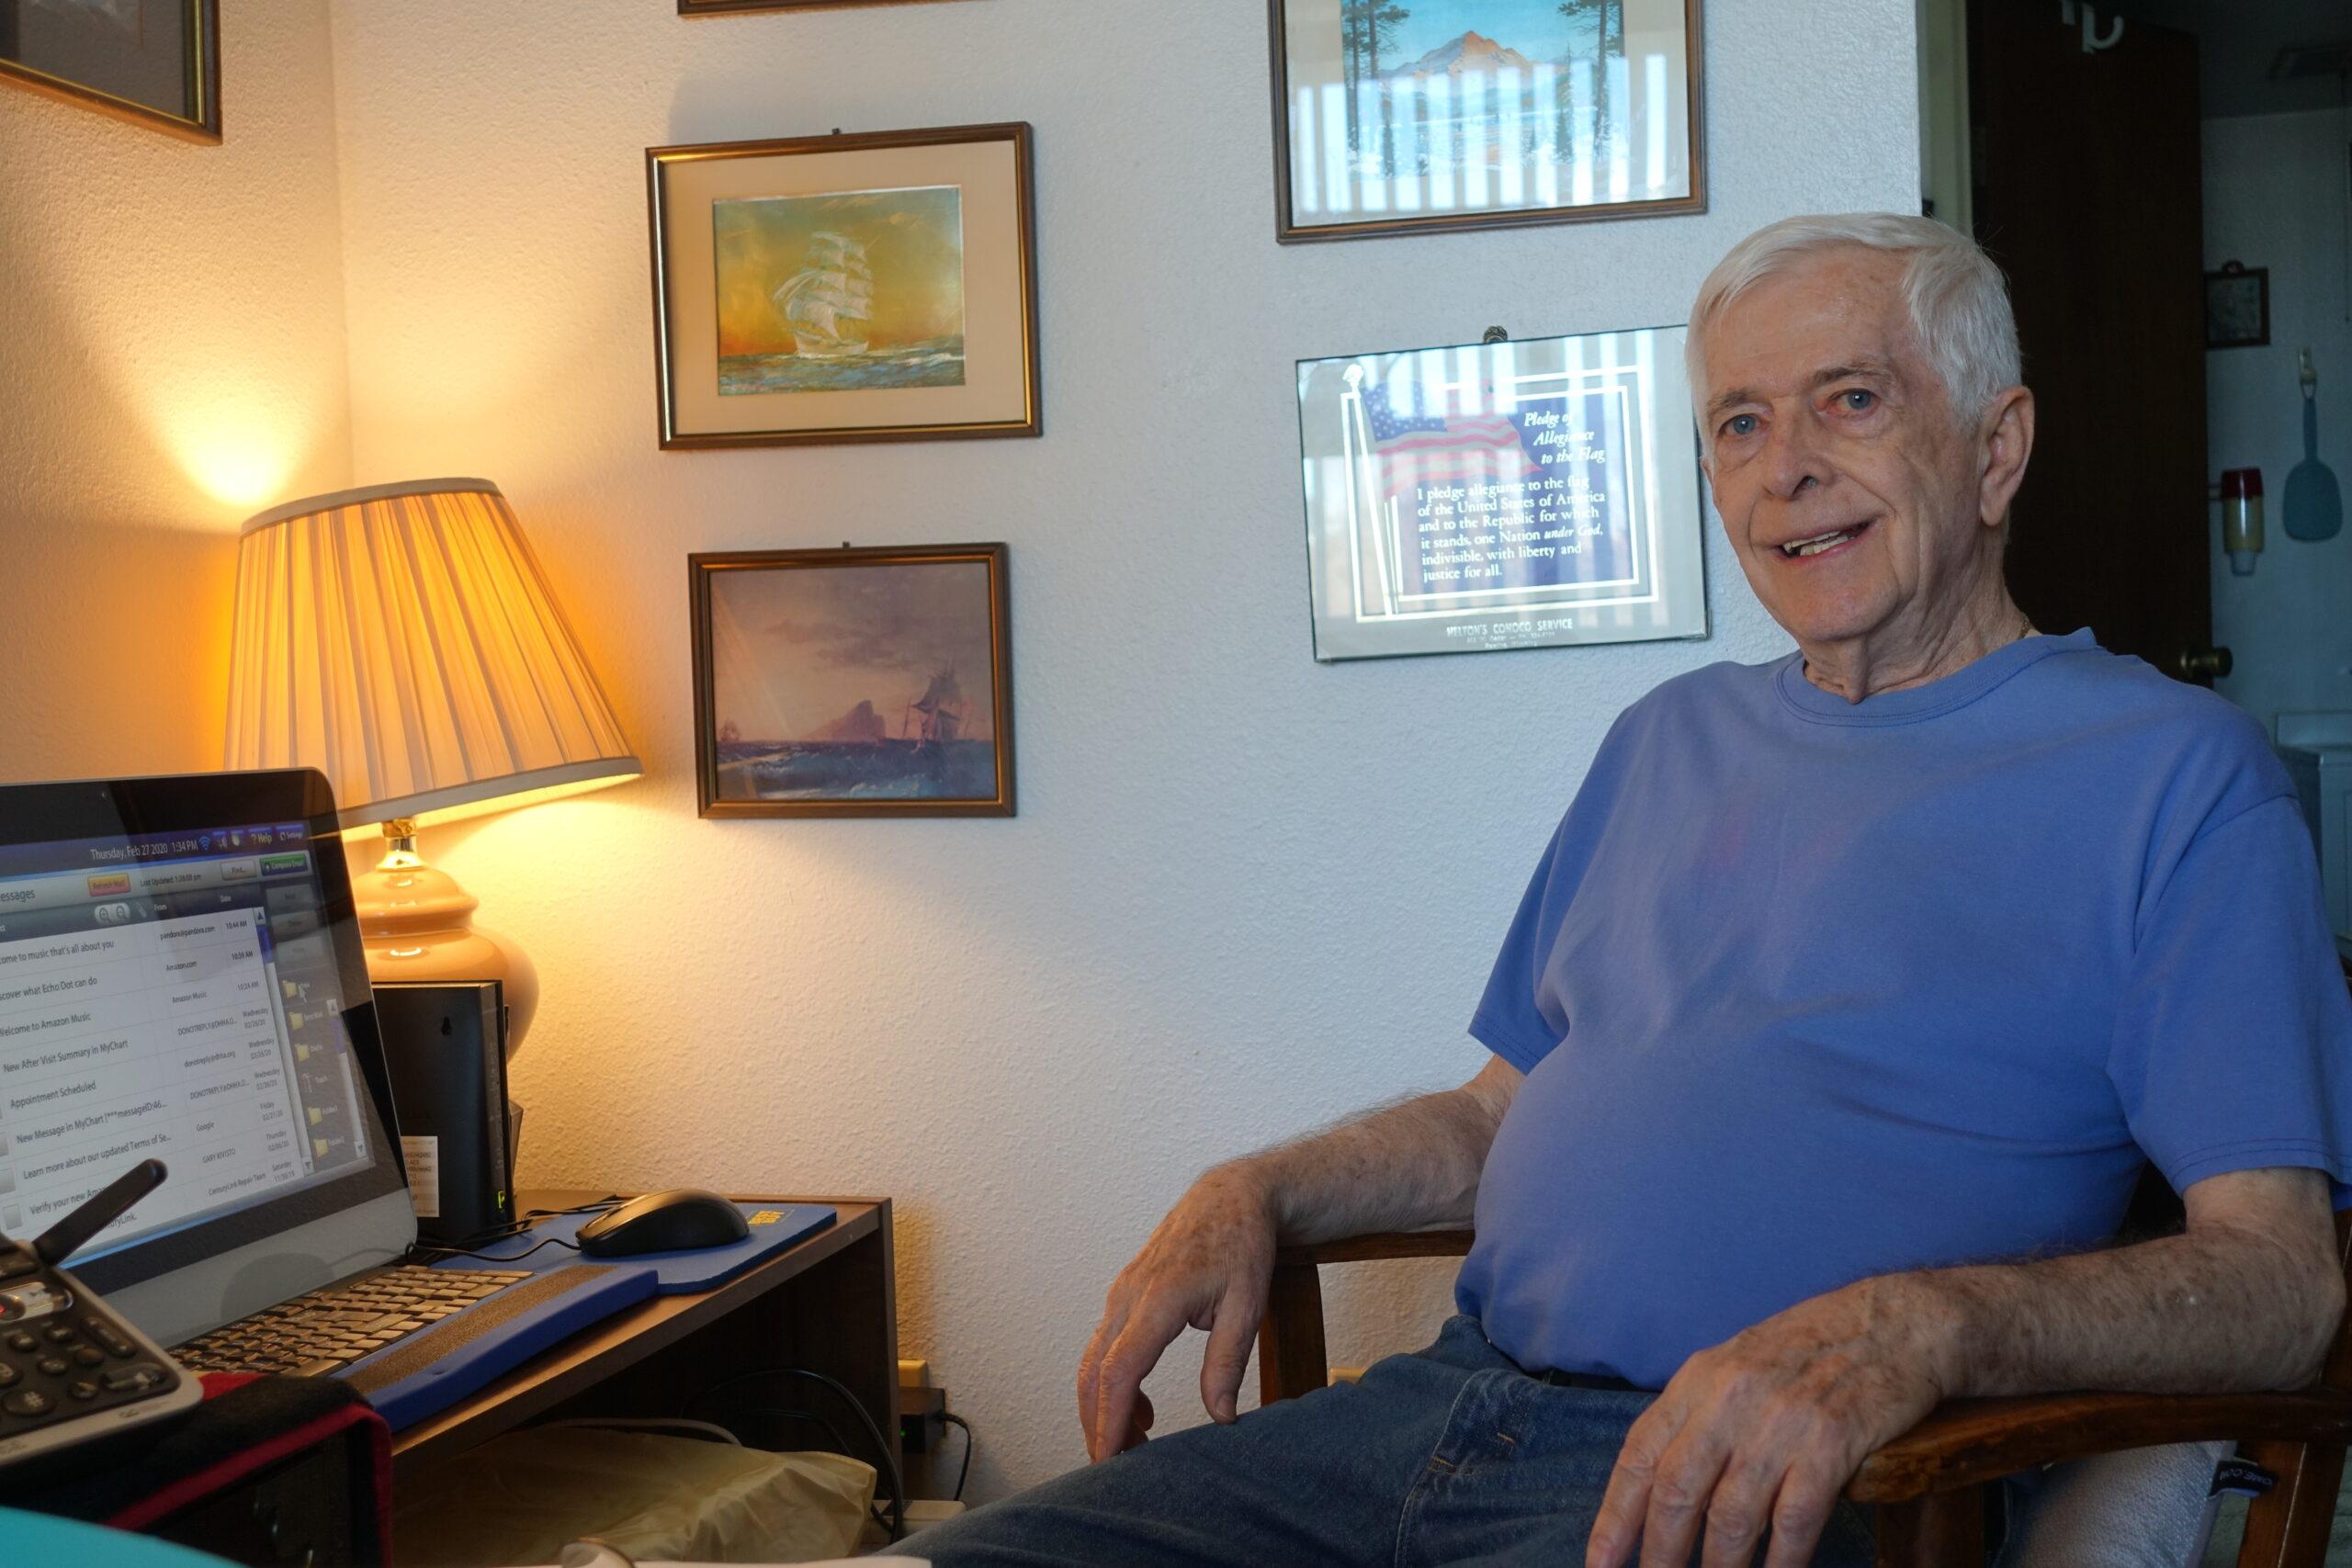 senior resident Gary sitting in living room